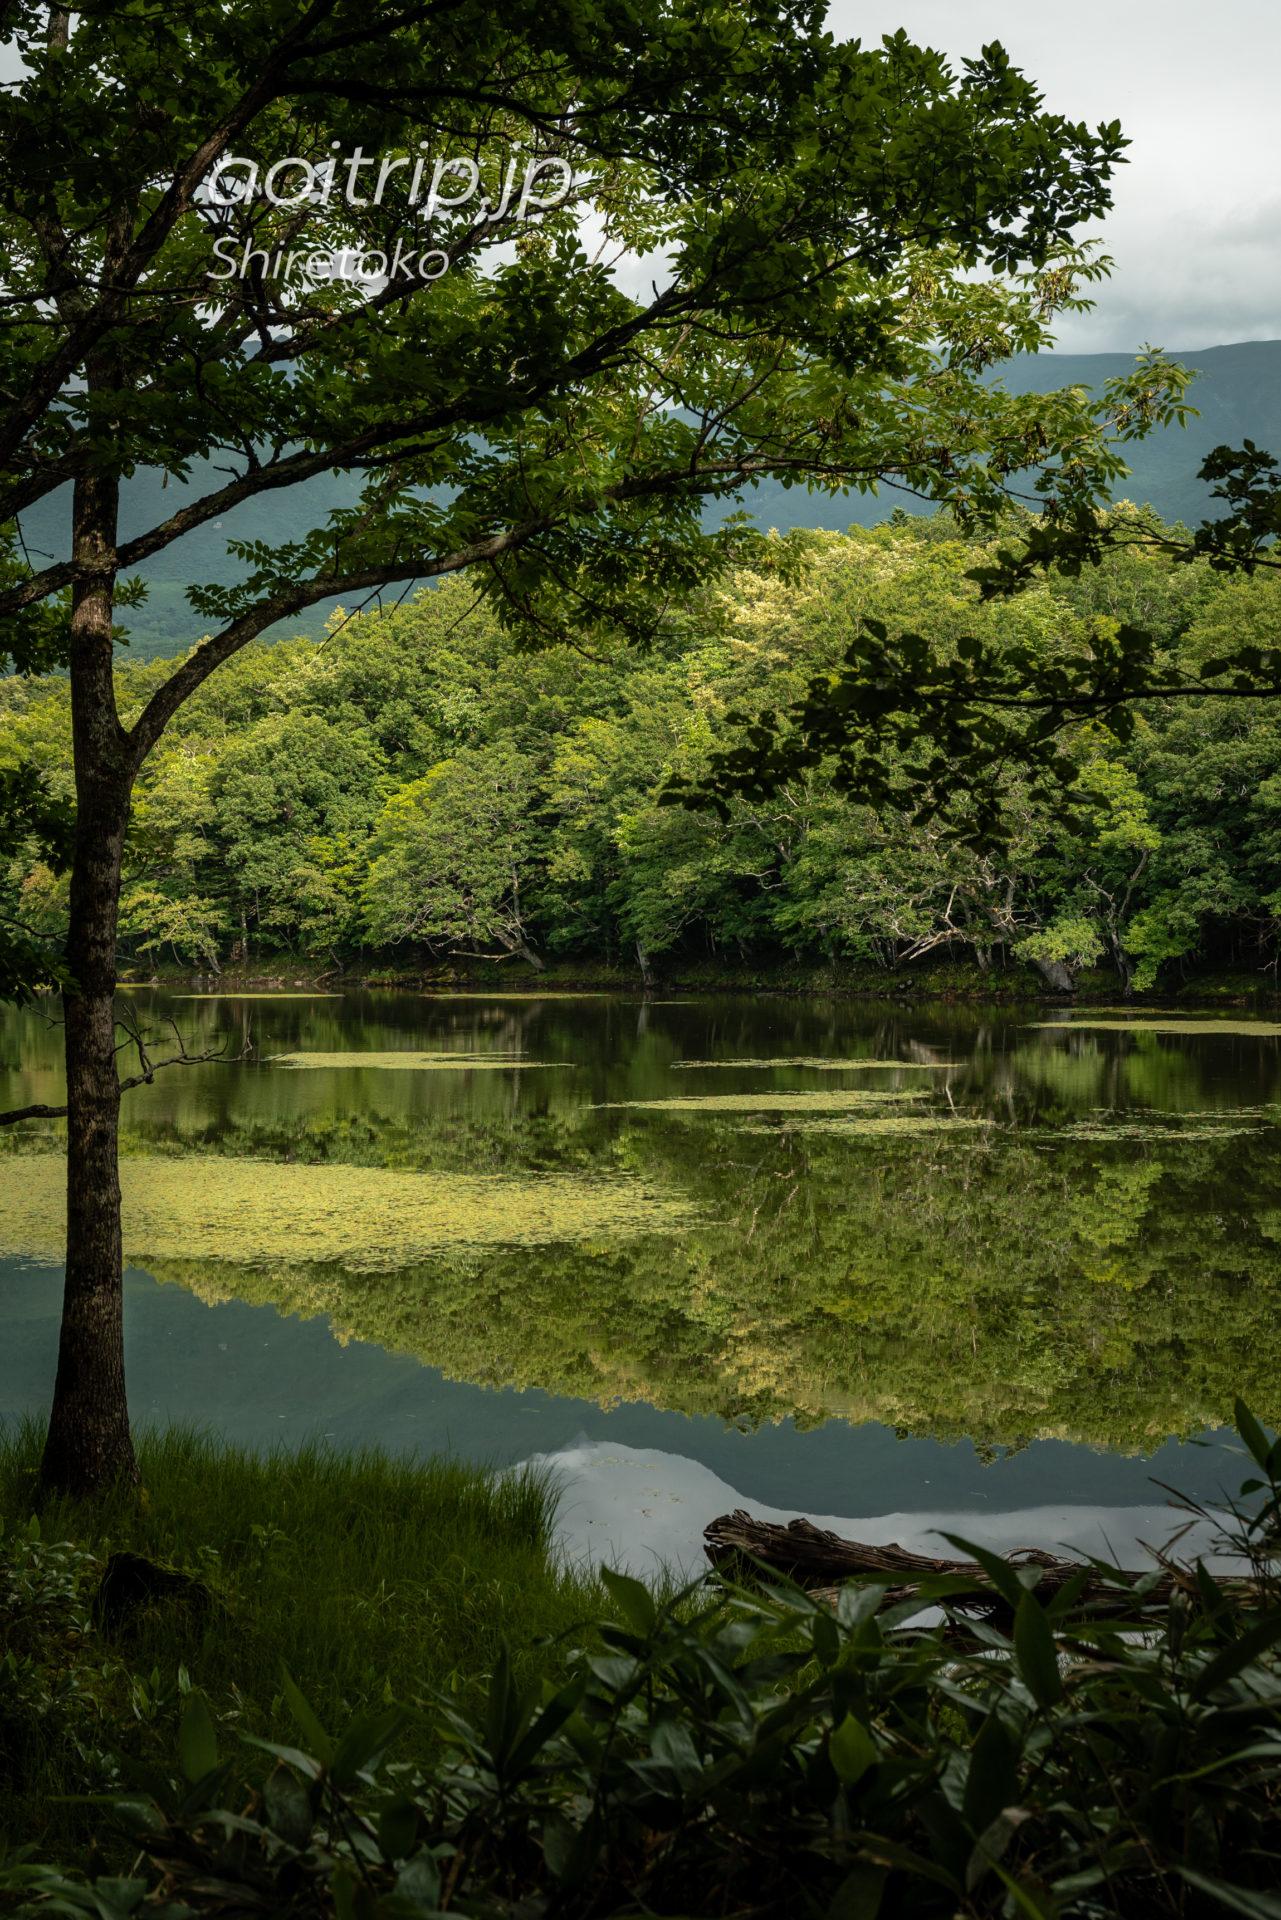 知床五湖 Shiretoko Goko Lakes